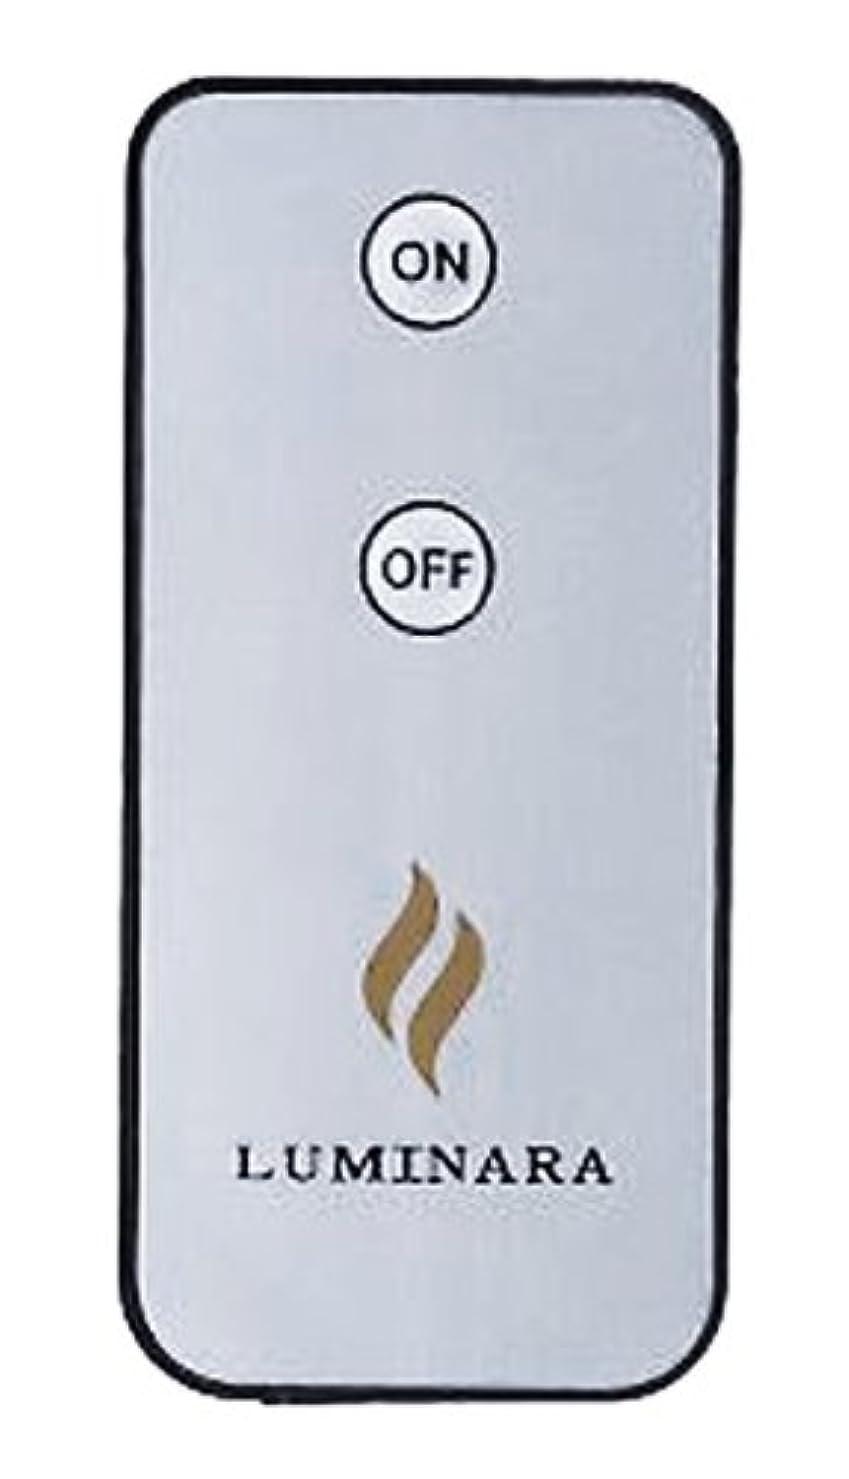 過敏なネブピンチLUMINARA(ルミナラ)リモコン【ピラー専用】 03040000